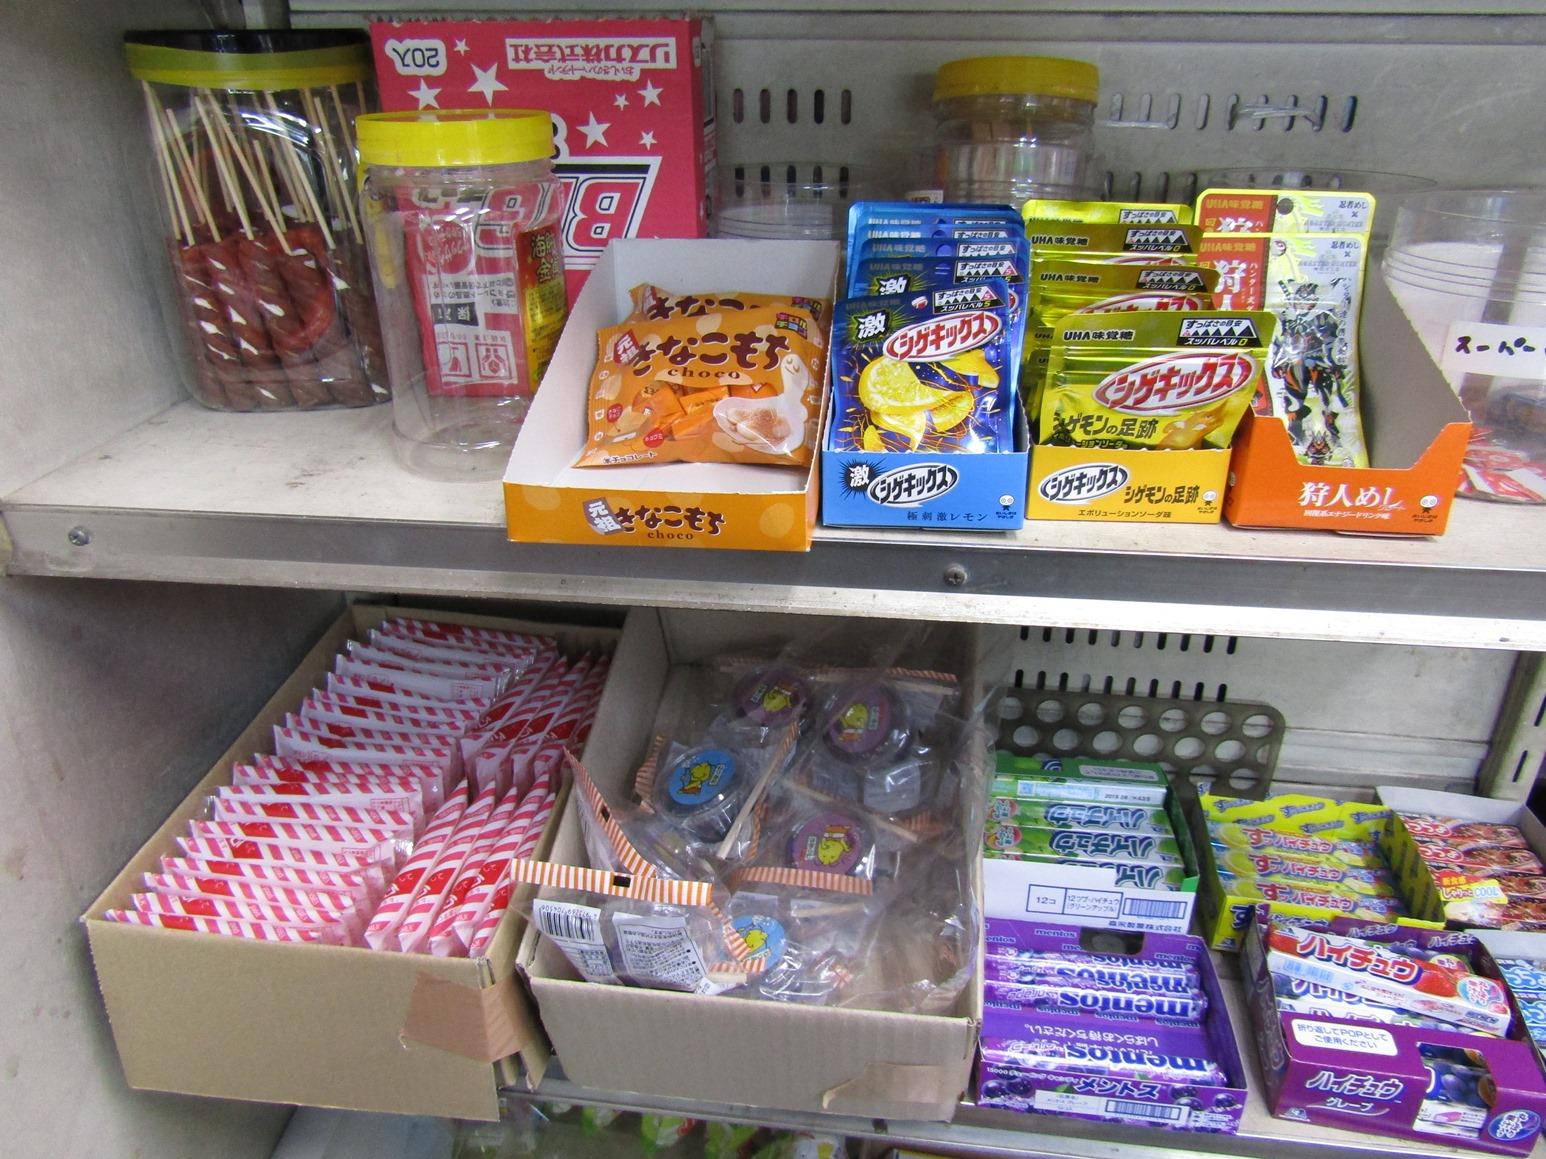 それぞれの位置に配置されたお菓子